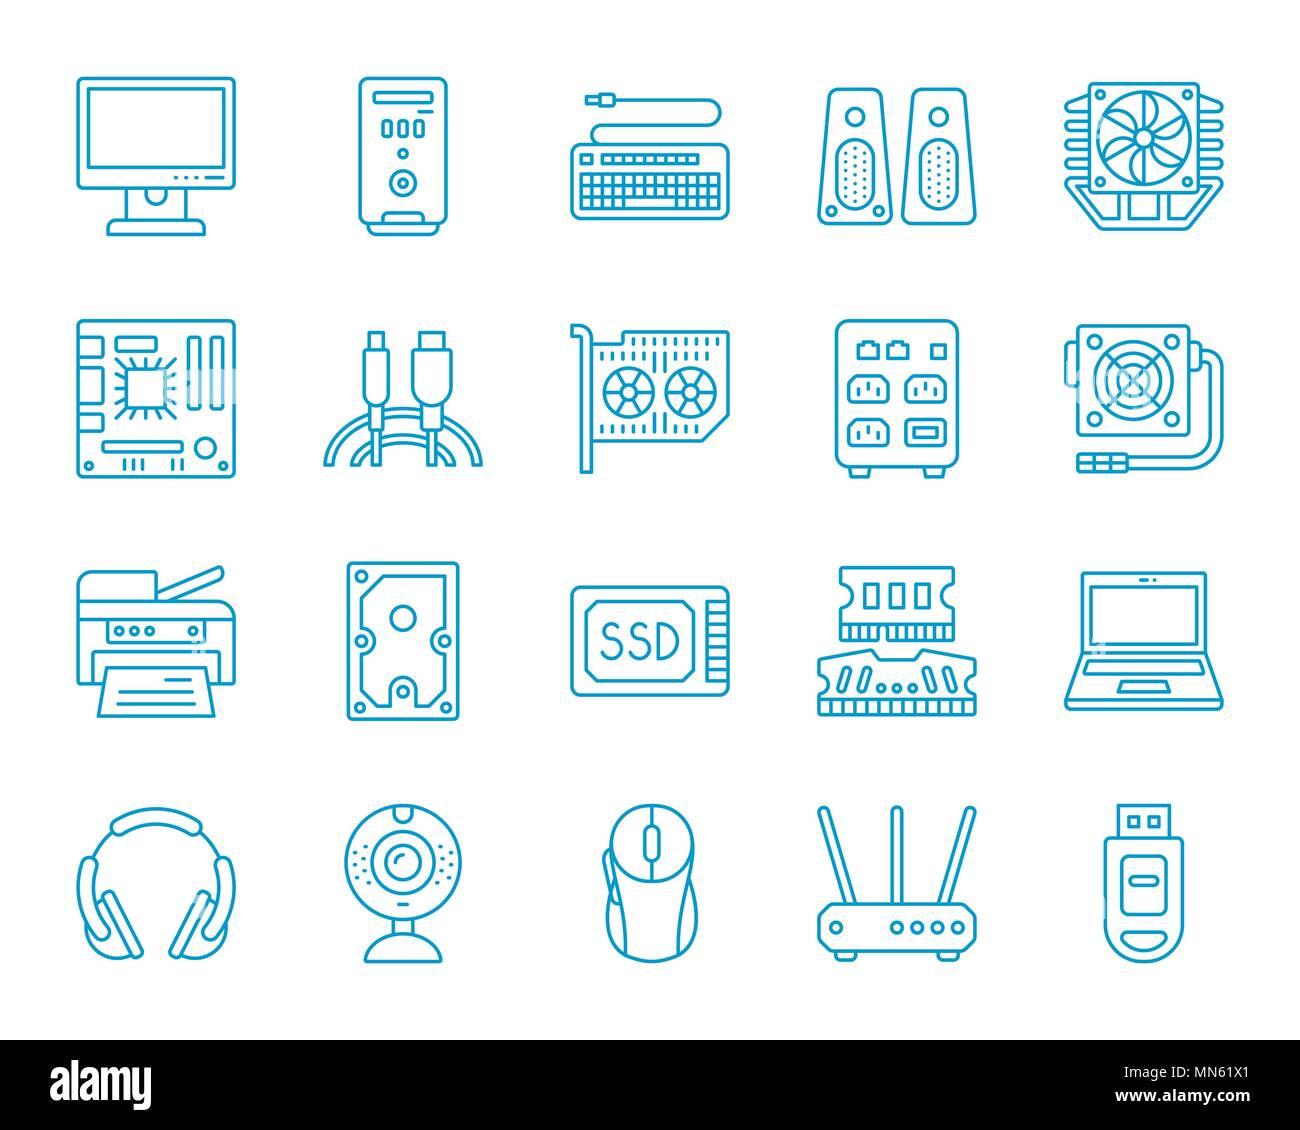 Ordinateur ligne mince icons set. Contours de kit de connexion web monochrome de l'électronique. Ordinateur icône linéaire collection comprend le processeur, disque dur, imprimante. Simple Illustration de Vecteur